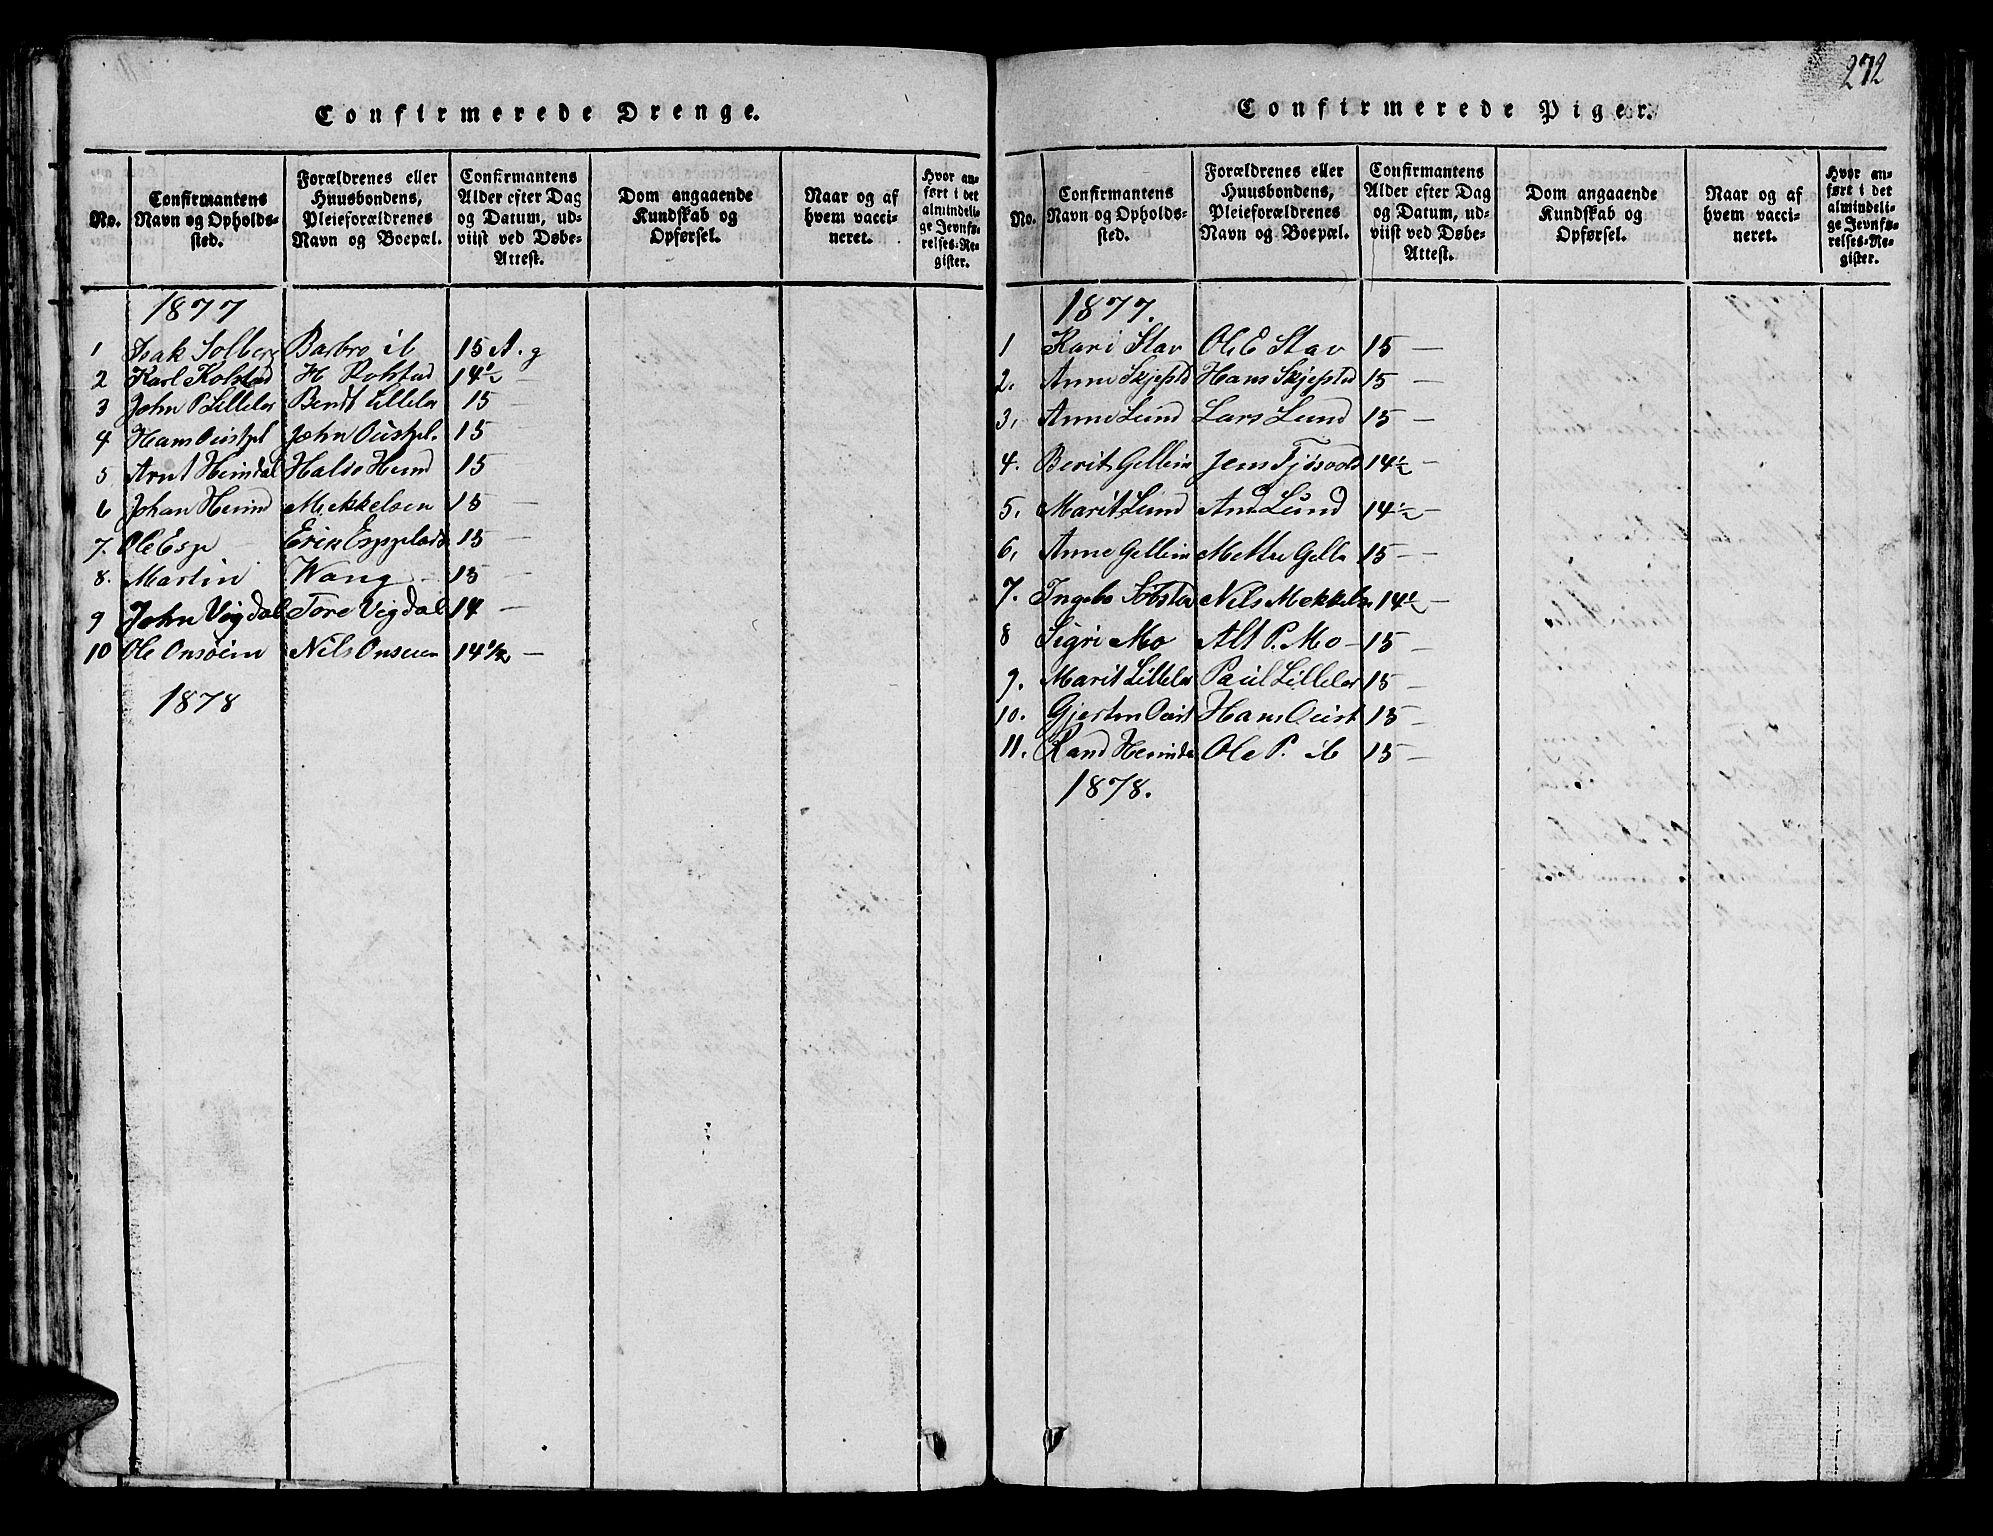 SAT, Ministerialprotokoller, klokkerbøker og fødselsregistre - Sør-Trøndelag, 613/L0393: Klokkerbok nr. 613C01, 1816-1886, s. 272